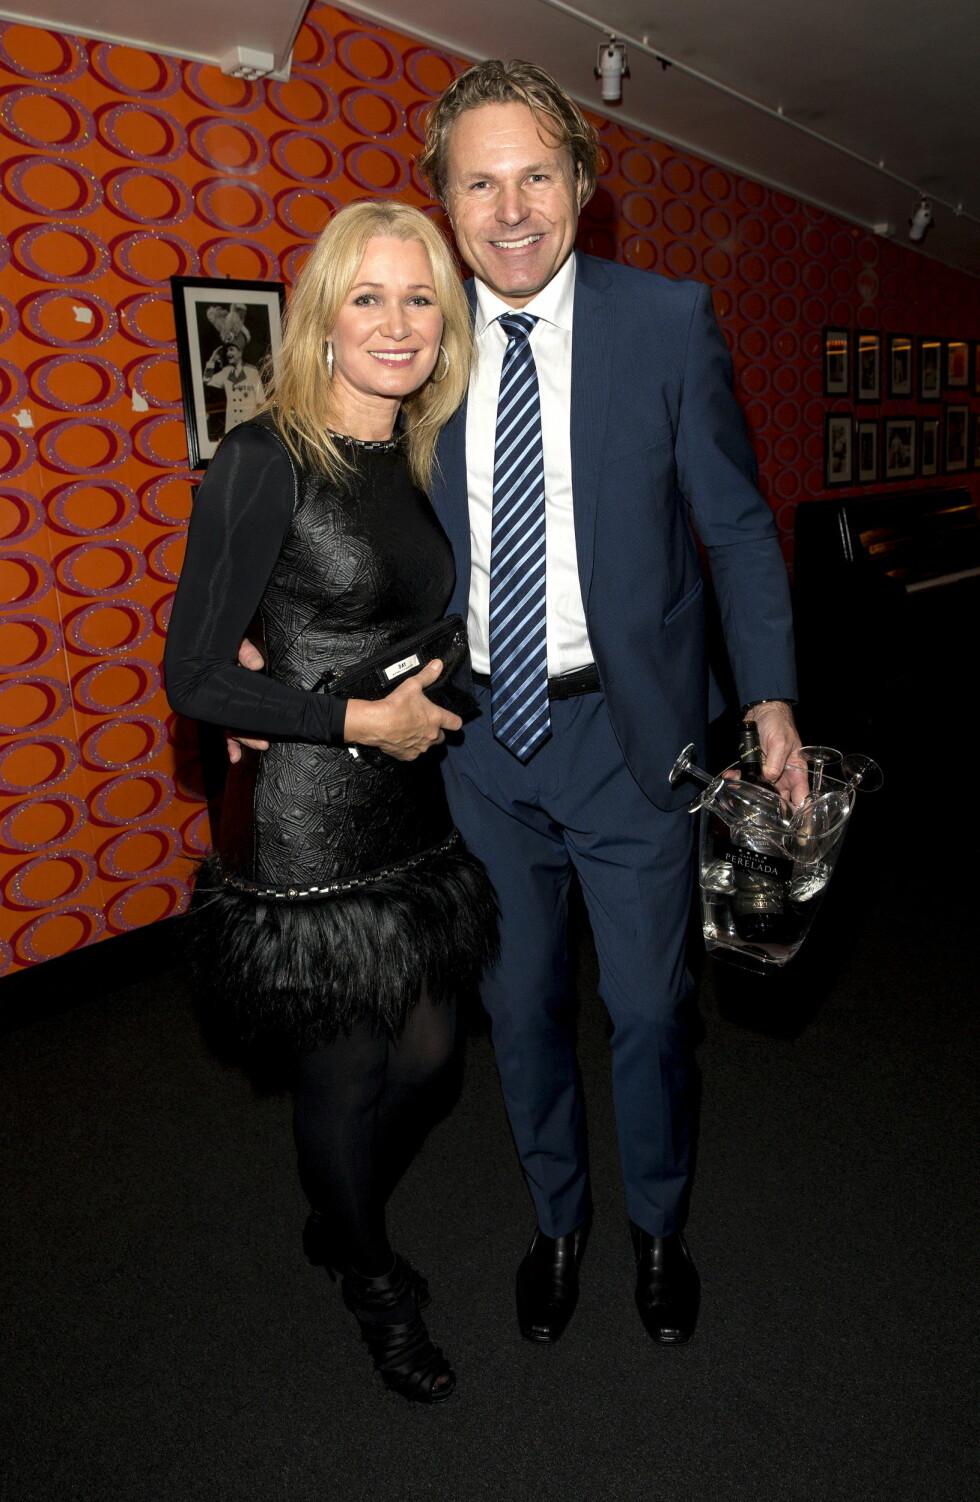 FORELSKET: Benedicte Adrian og kjæresten Jann Finsveen er lykkelige sammen. Her på premiere på juleshowet «Swinging Christmas» på Chat Noir i fjor.  Foto: Andreas Fadum